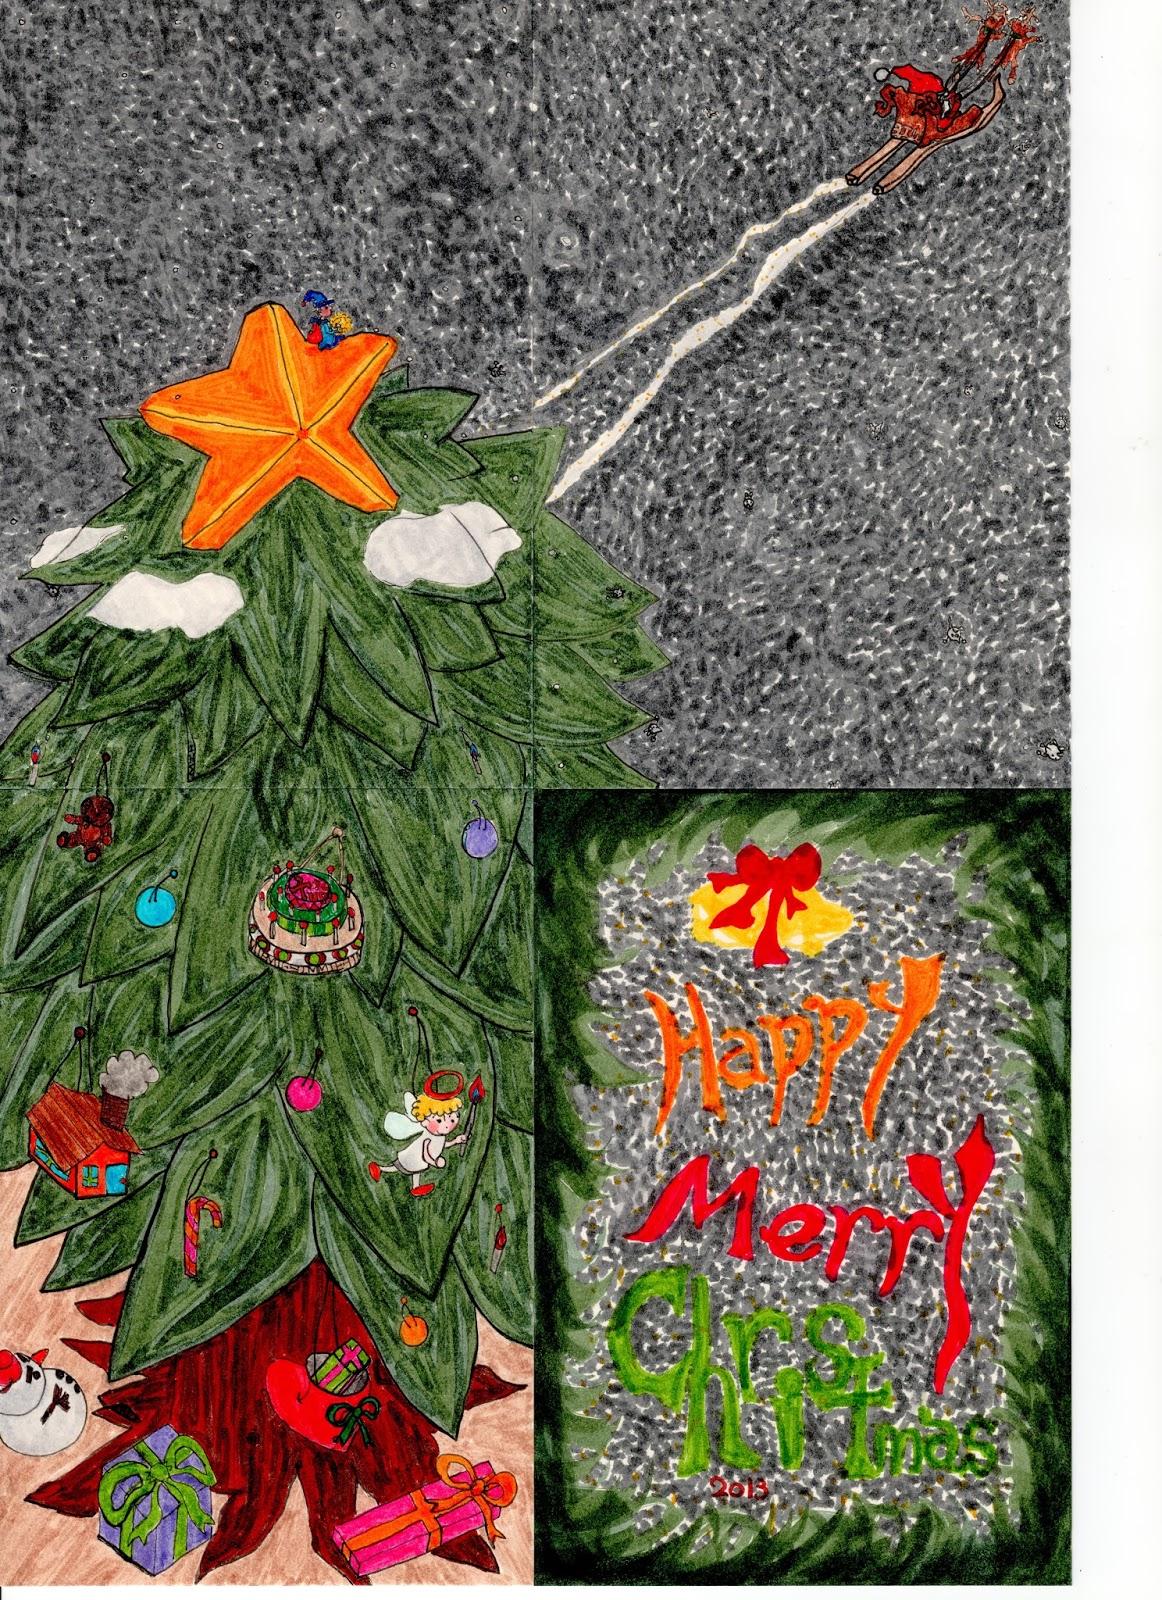 ハッピーメリークリスマス 2013 / Happy Merry Christmas 2013